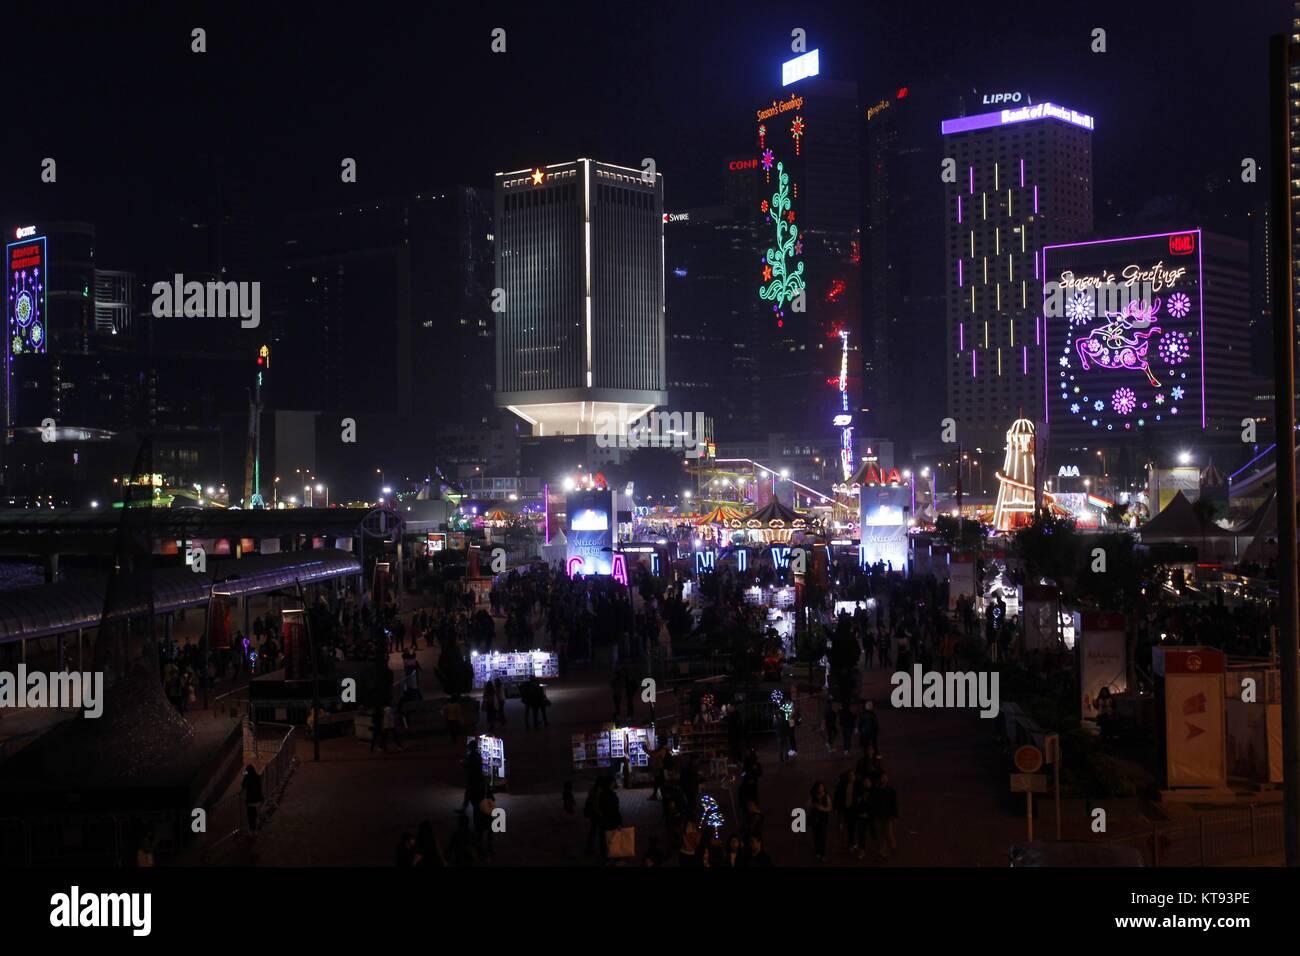 Weihnachtsfeier Zirkus.Hongkong China 23 Dez 2017 Zirkus Ist Für Die Weihnachtsfeier Im